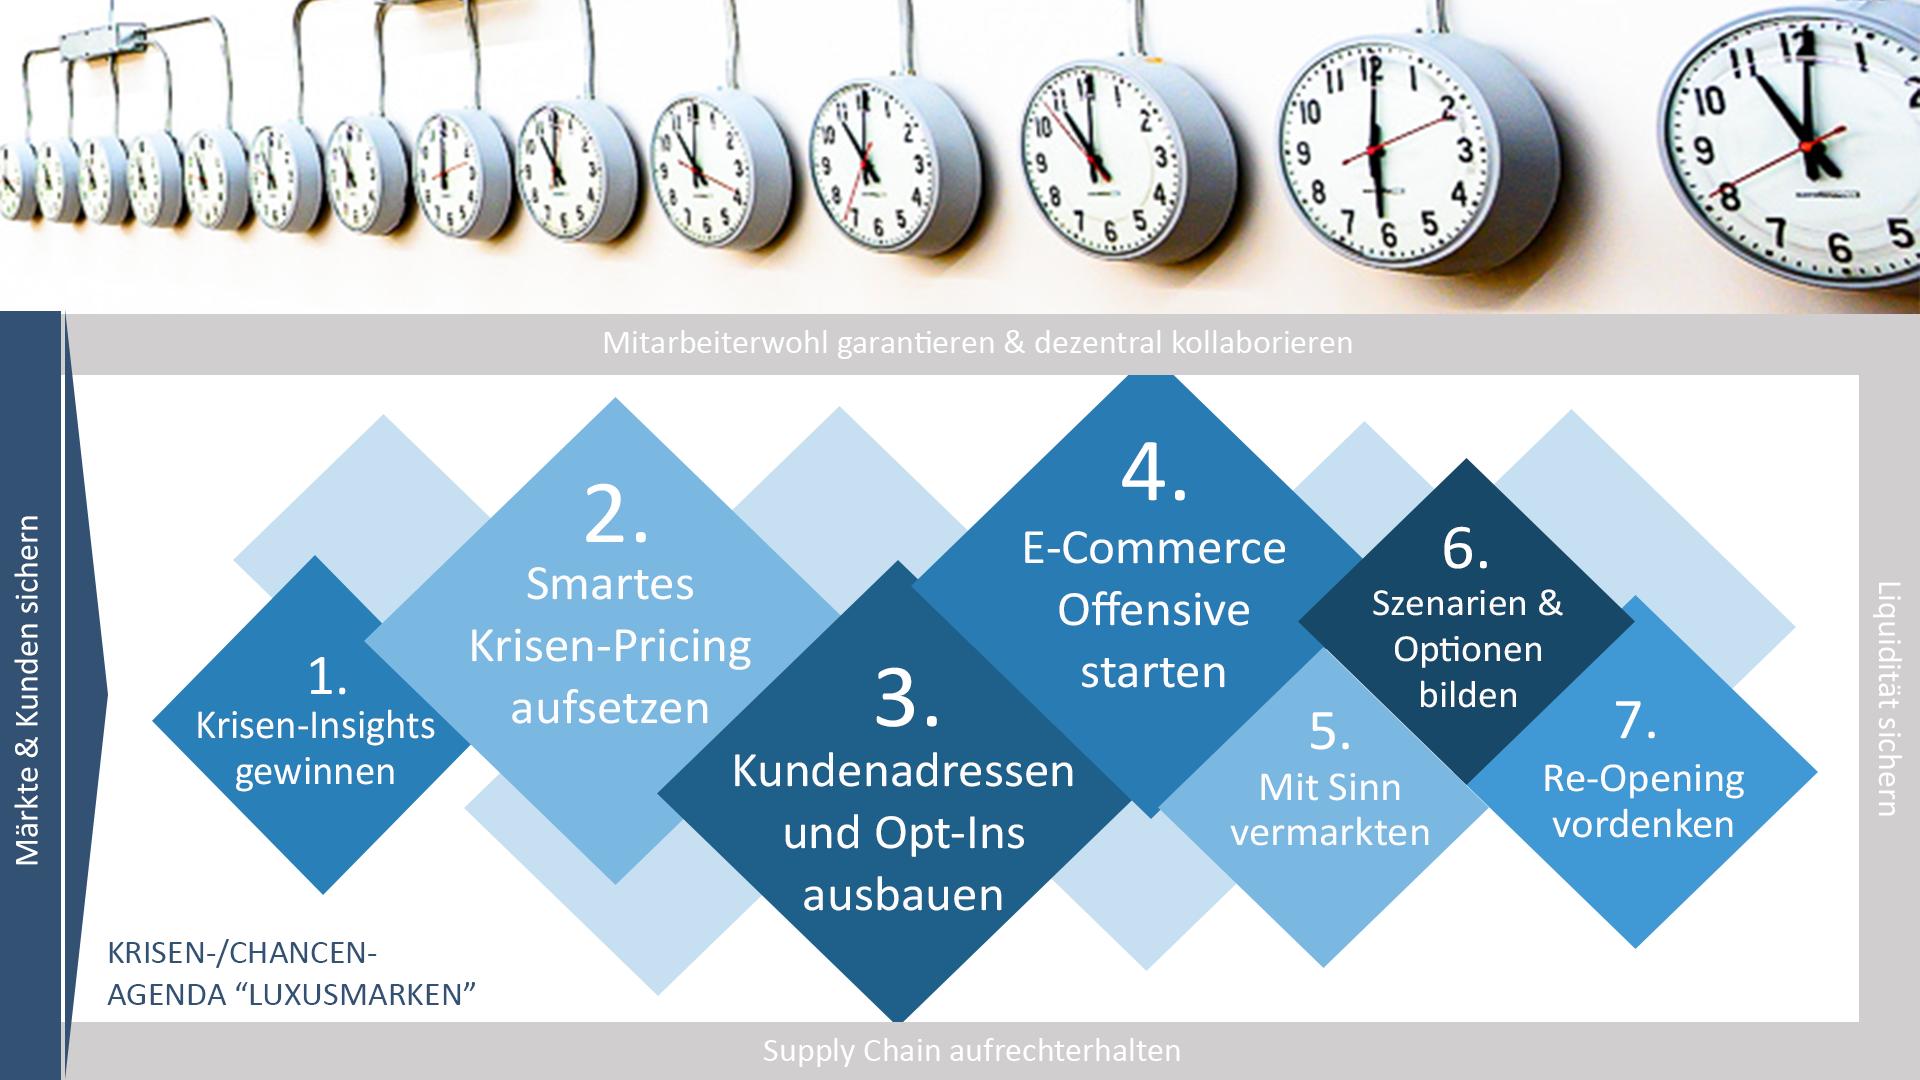 Luxusmarken: Markt- und Kundenmanagement unter Corona – Krisen-/Chancen-Agenda